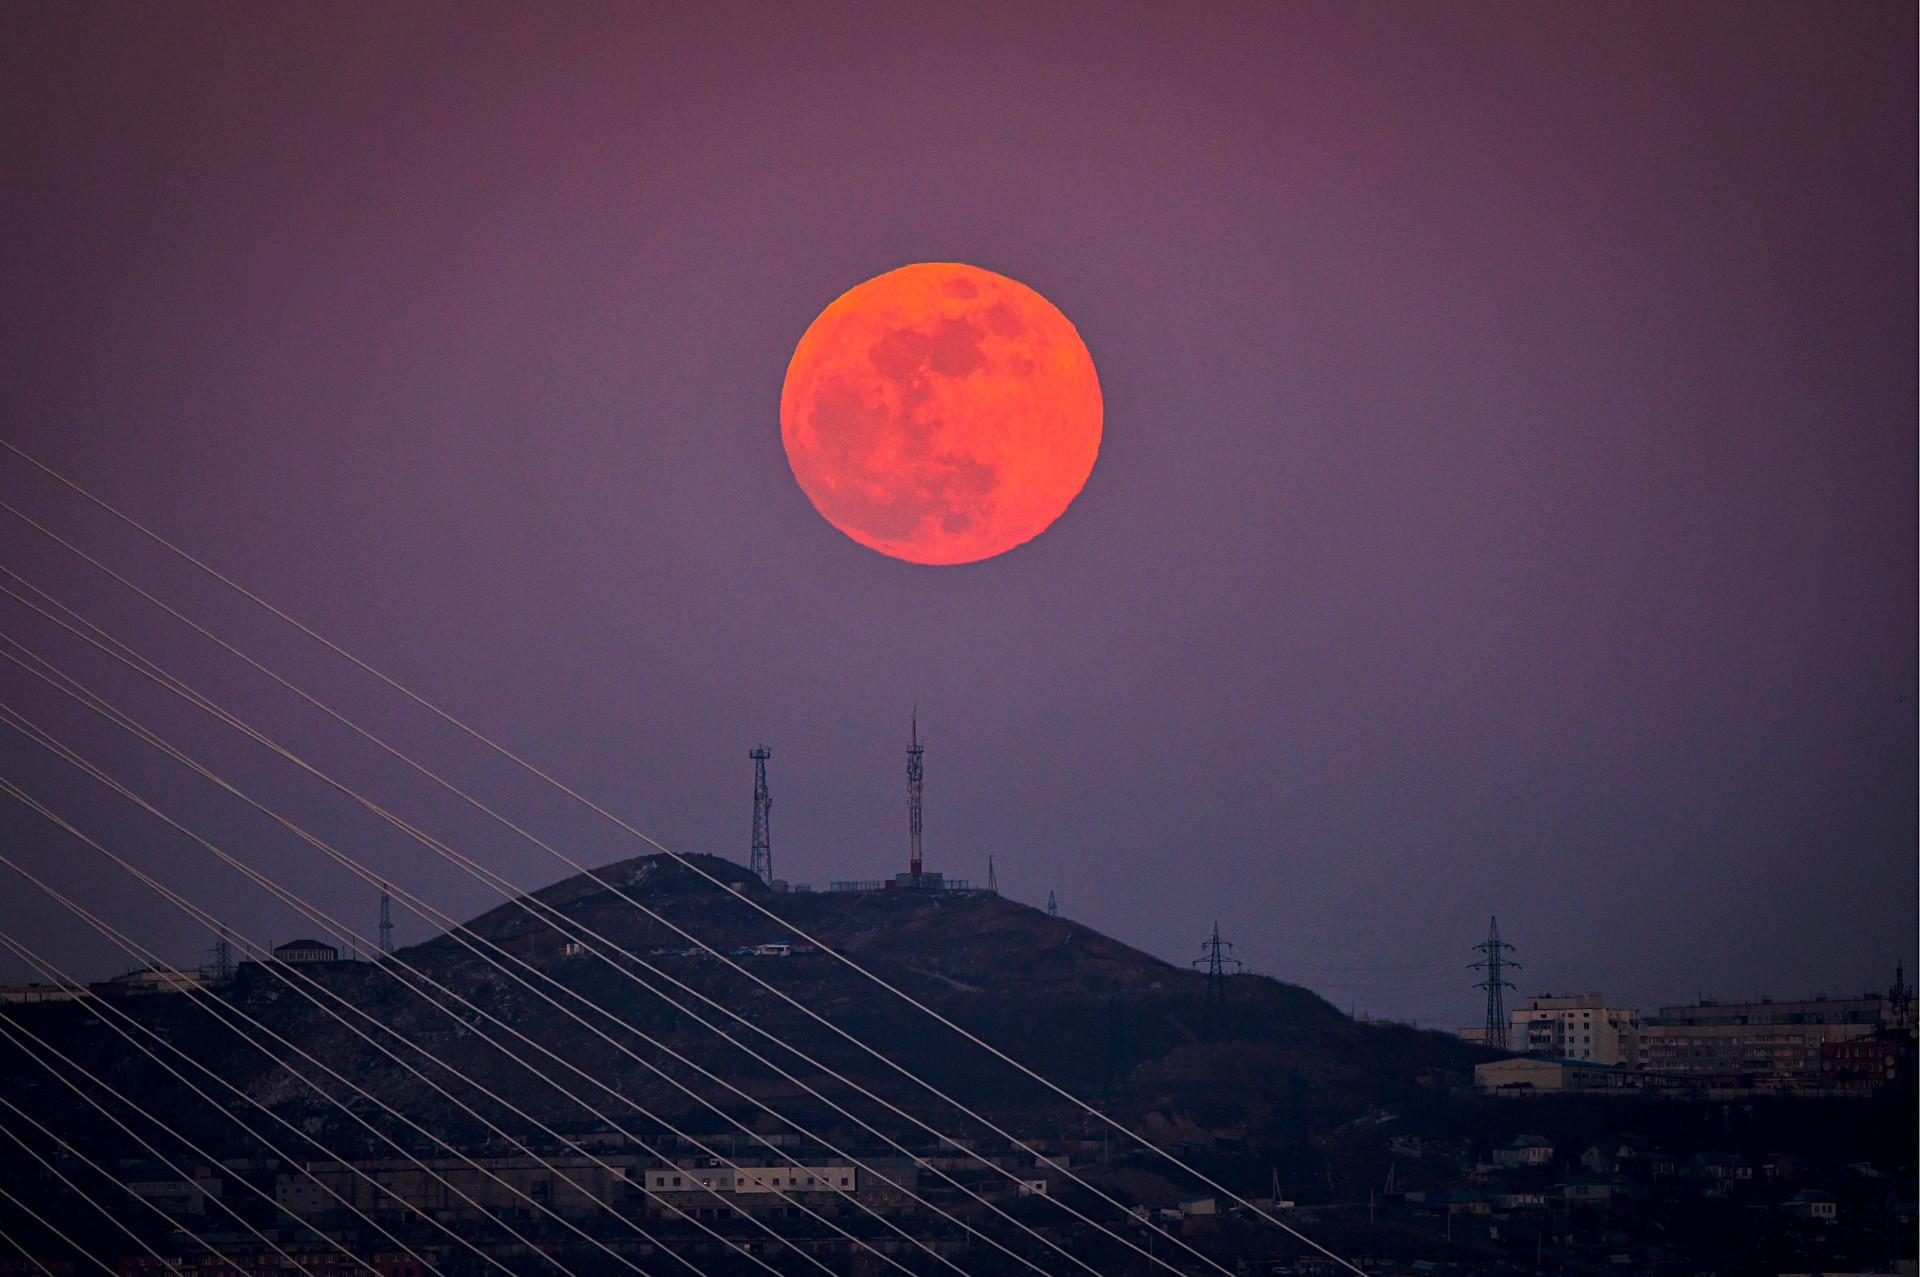 La Luna llena y roja se levanta sobre las colinas de Vladivostok.